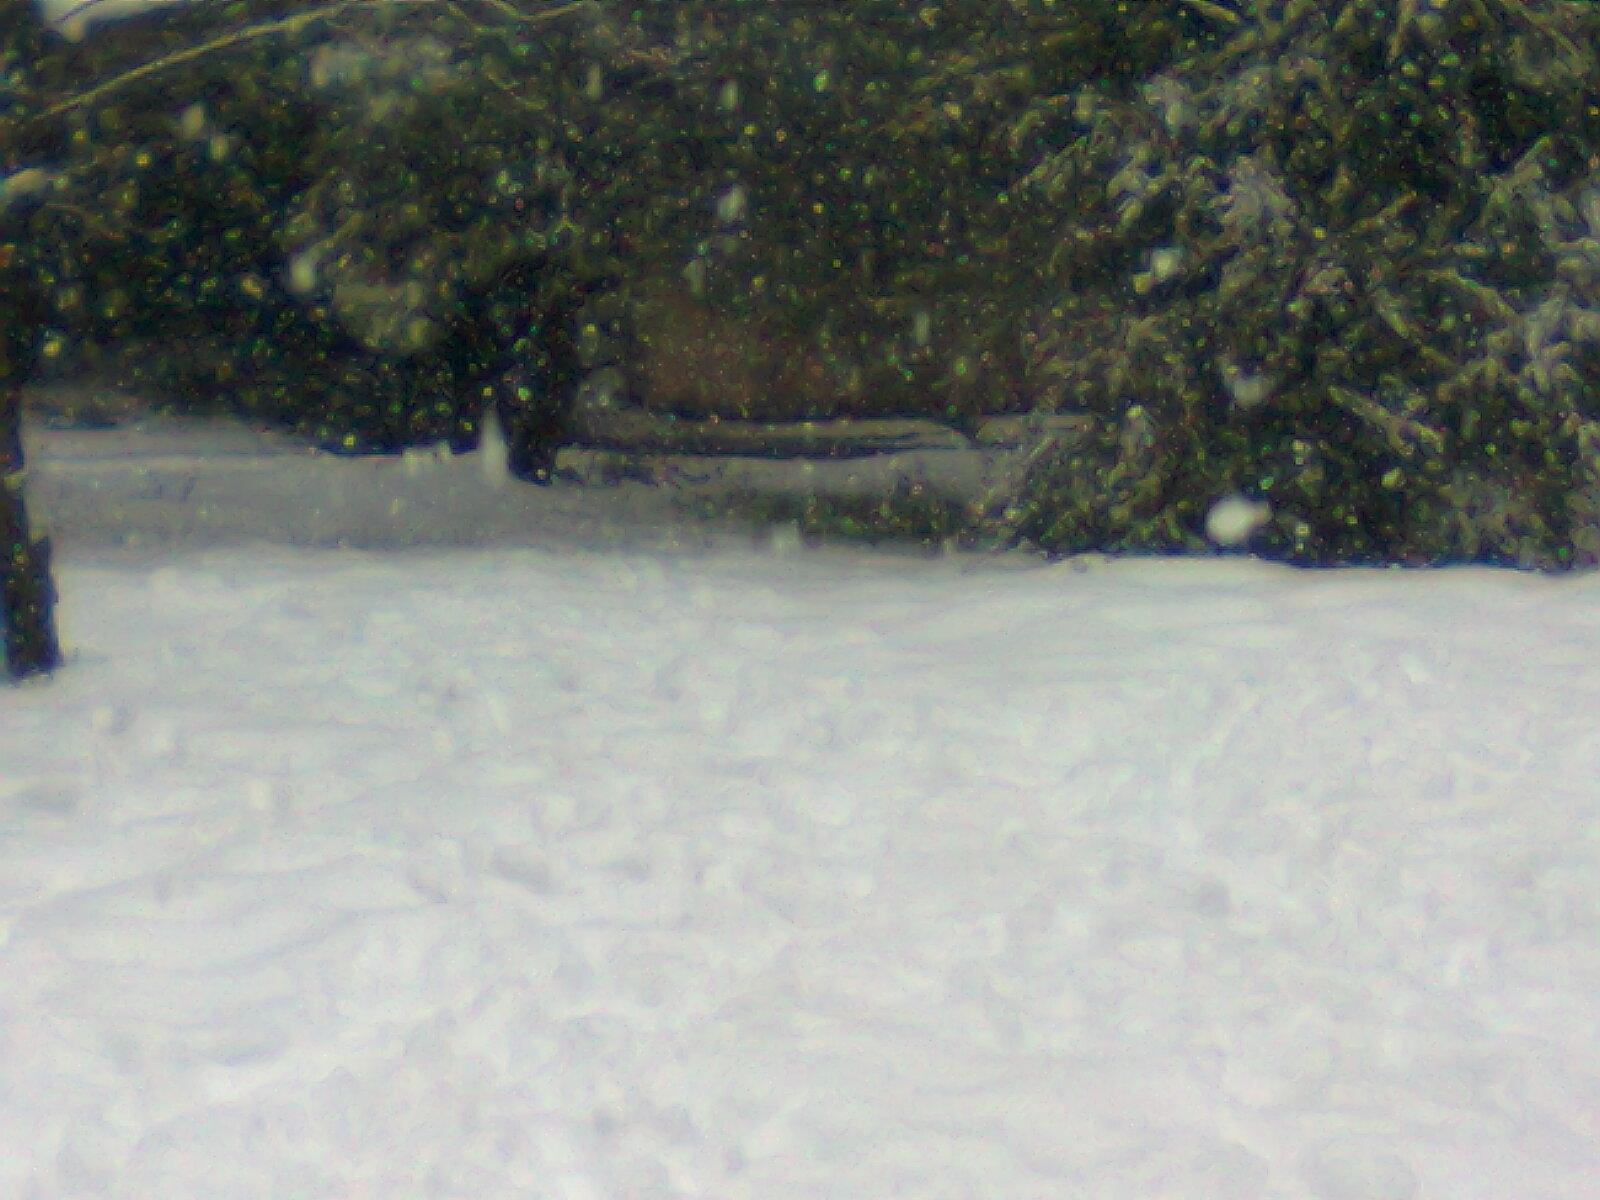 وكمان ميتى (العوده للمدرسة)من تصويري الثلج و آلرعد الأردنفكرة سهلة